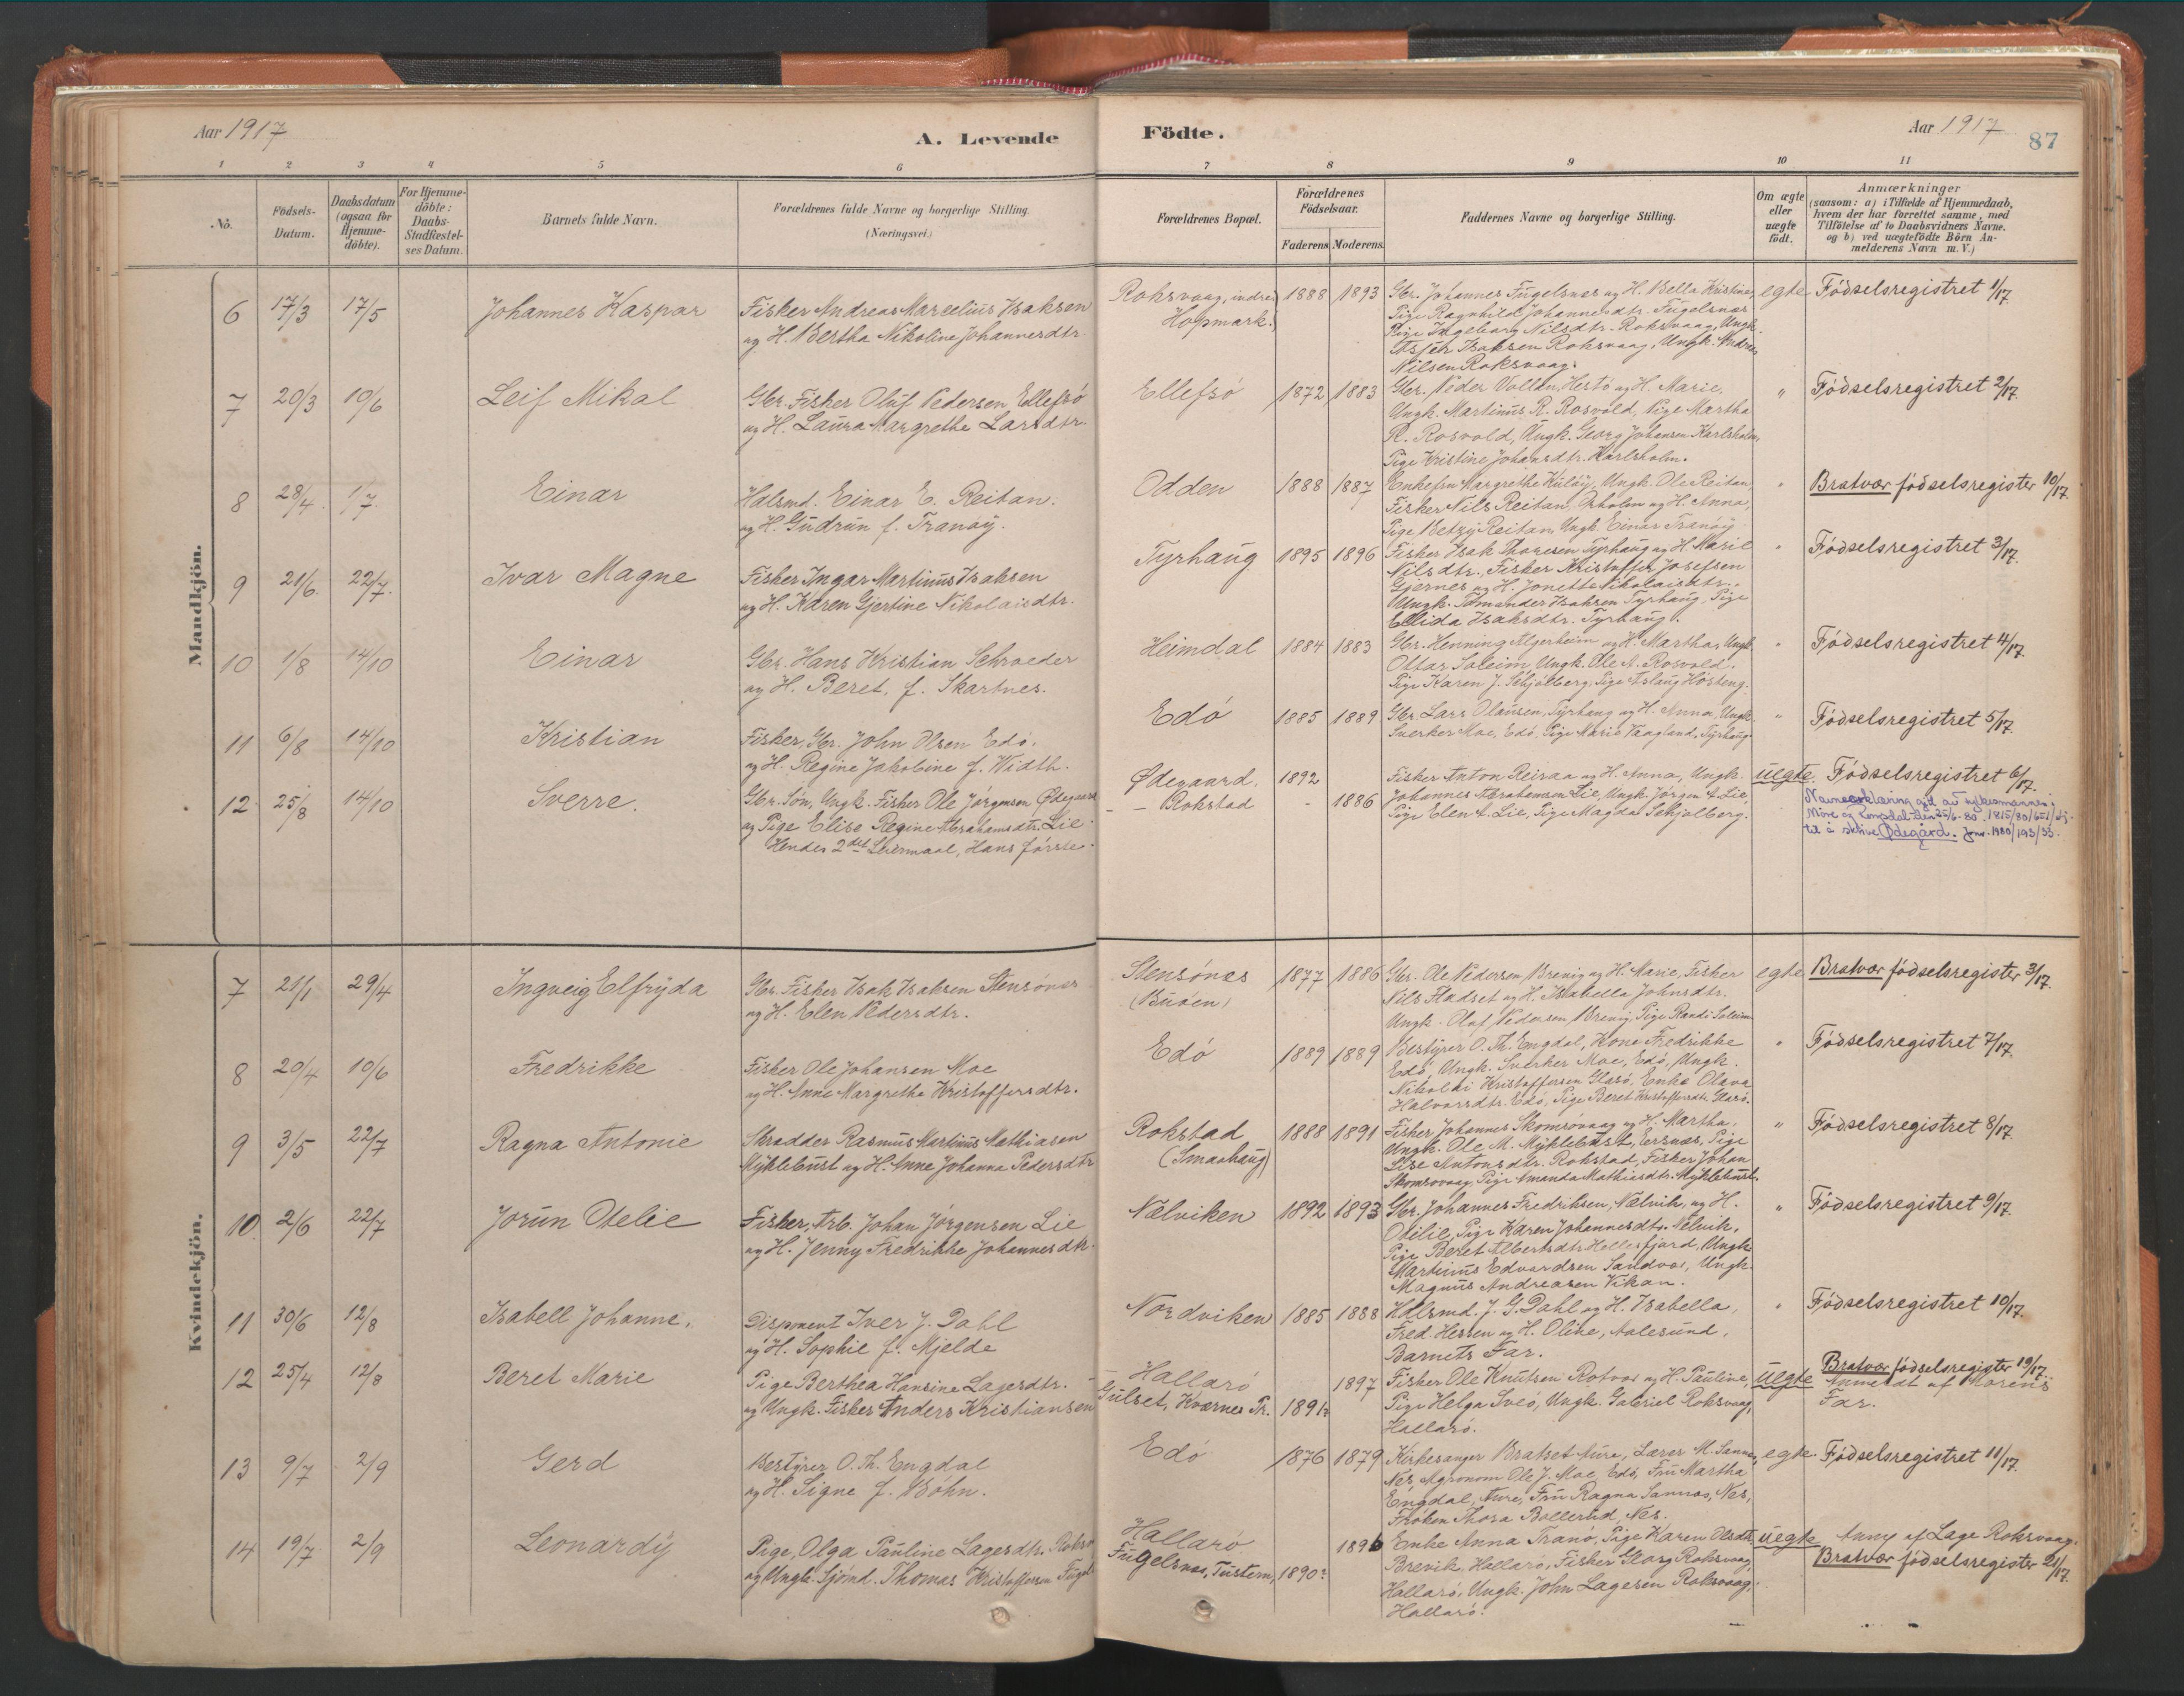 SAT, Ministerialprotokoller, klokkerbøker og fødselsregistre - Møre og Romsdal, 581/L0941: Ministerialbok nr. 581A09, 1880-1919, s. 87